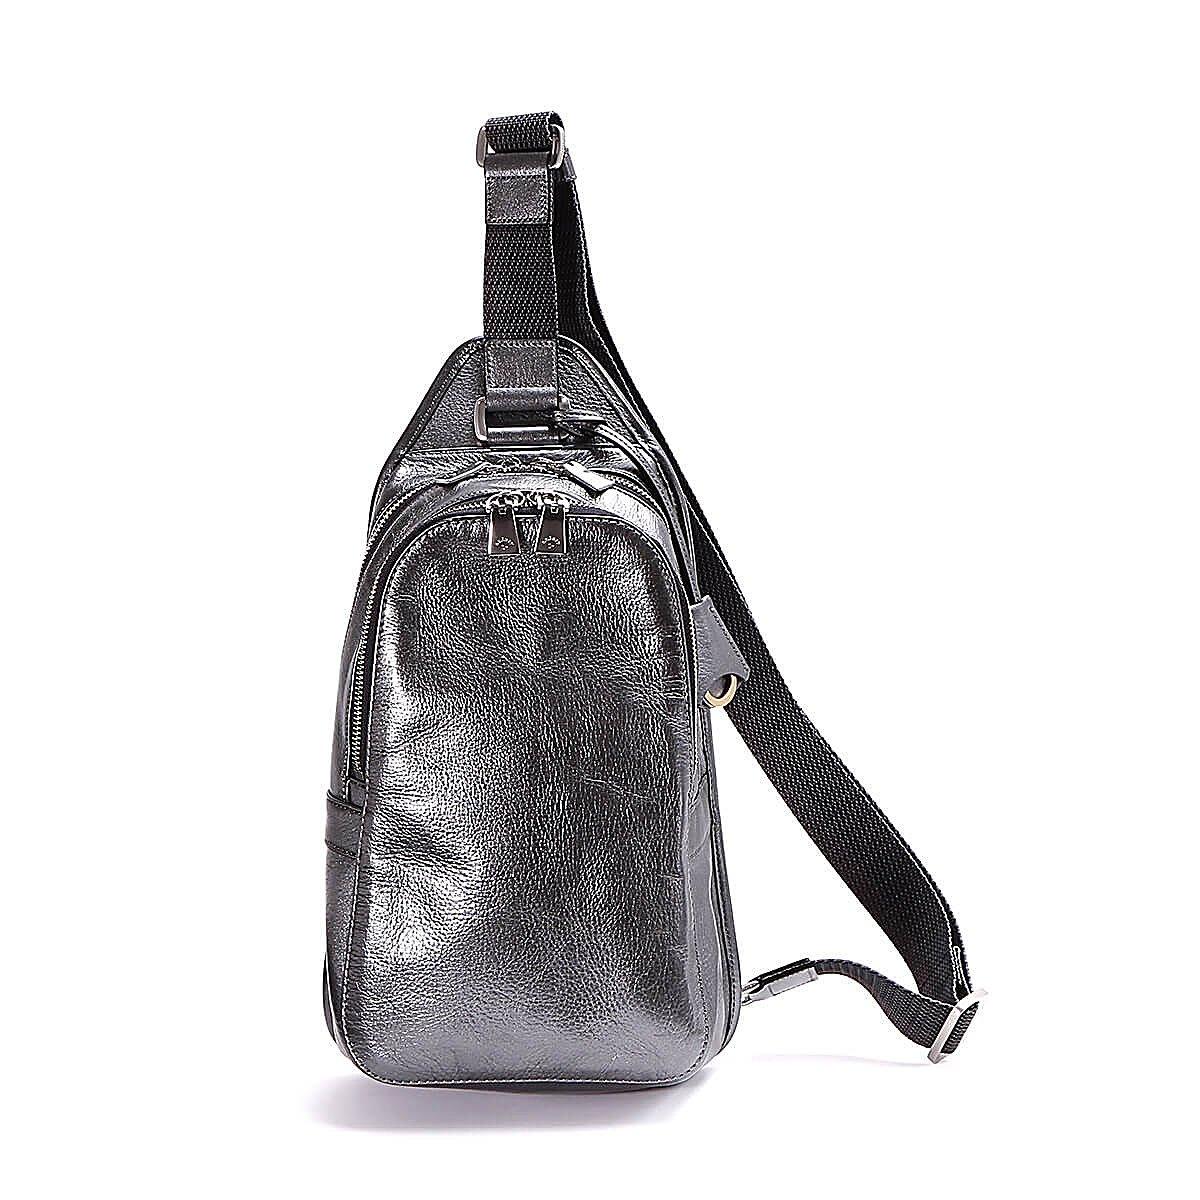 アニアリ ボディバッグ 2 Antique Leather 01-07004 B0713S8DPJ SteelBlack SteelBlack